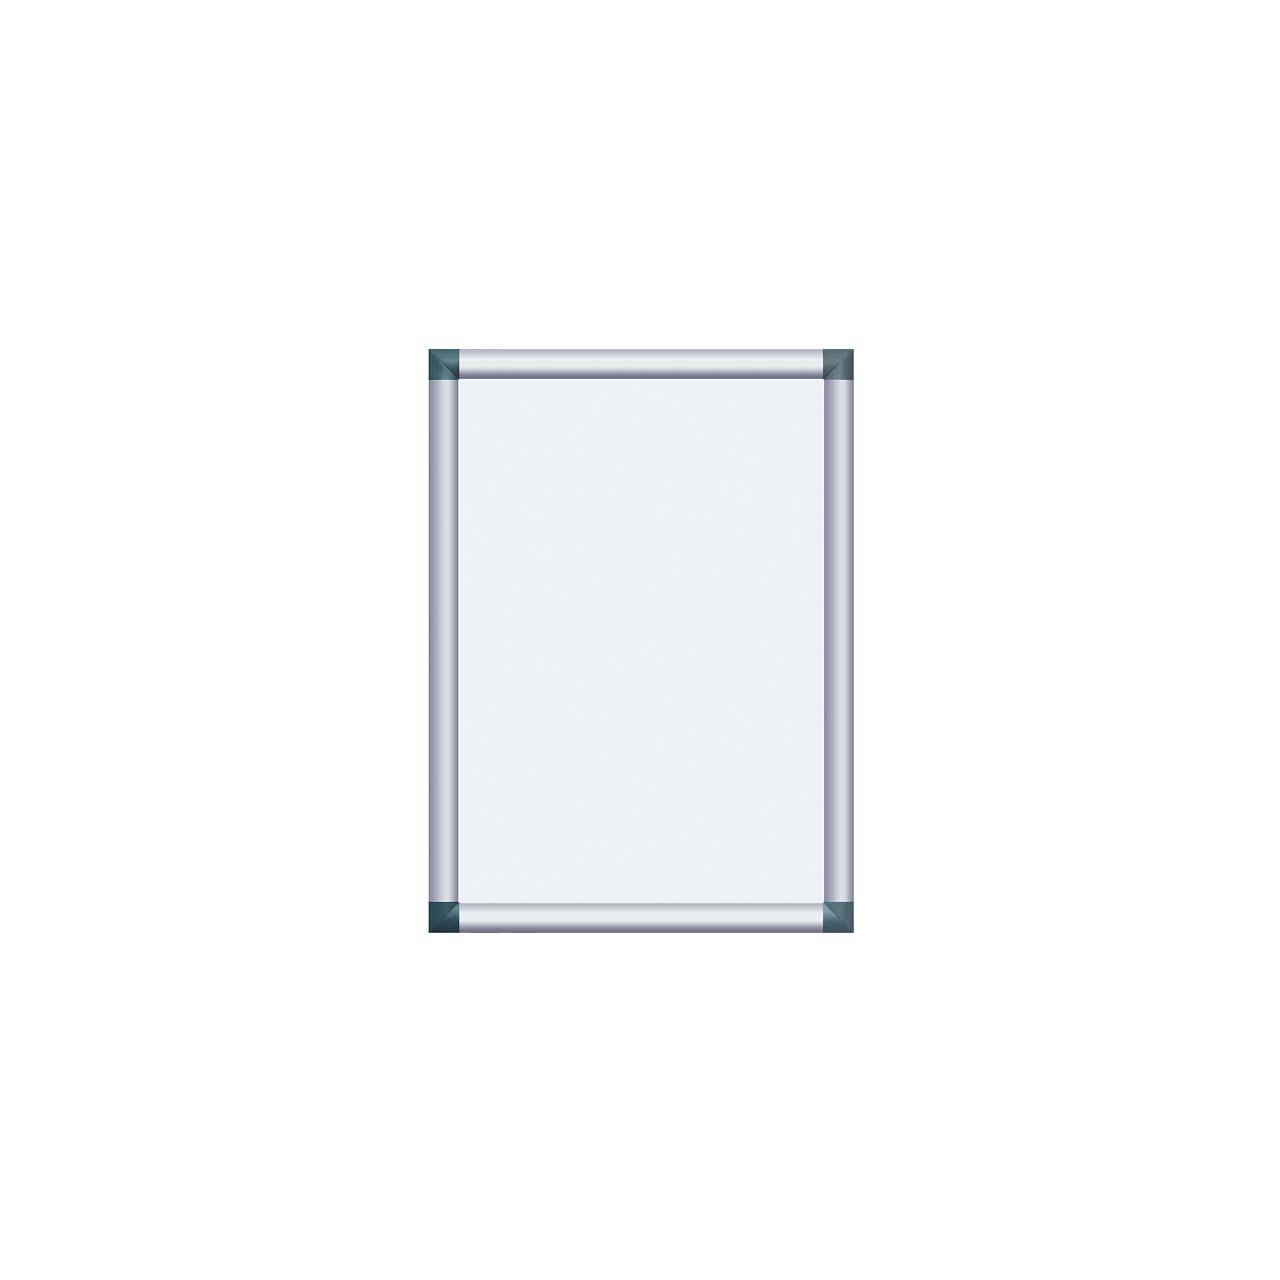 Alu-Plakatrahmen mit kantigen Ecken, DIN A2 (420 x 594 mm ...